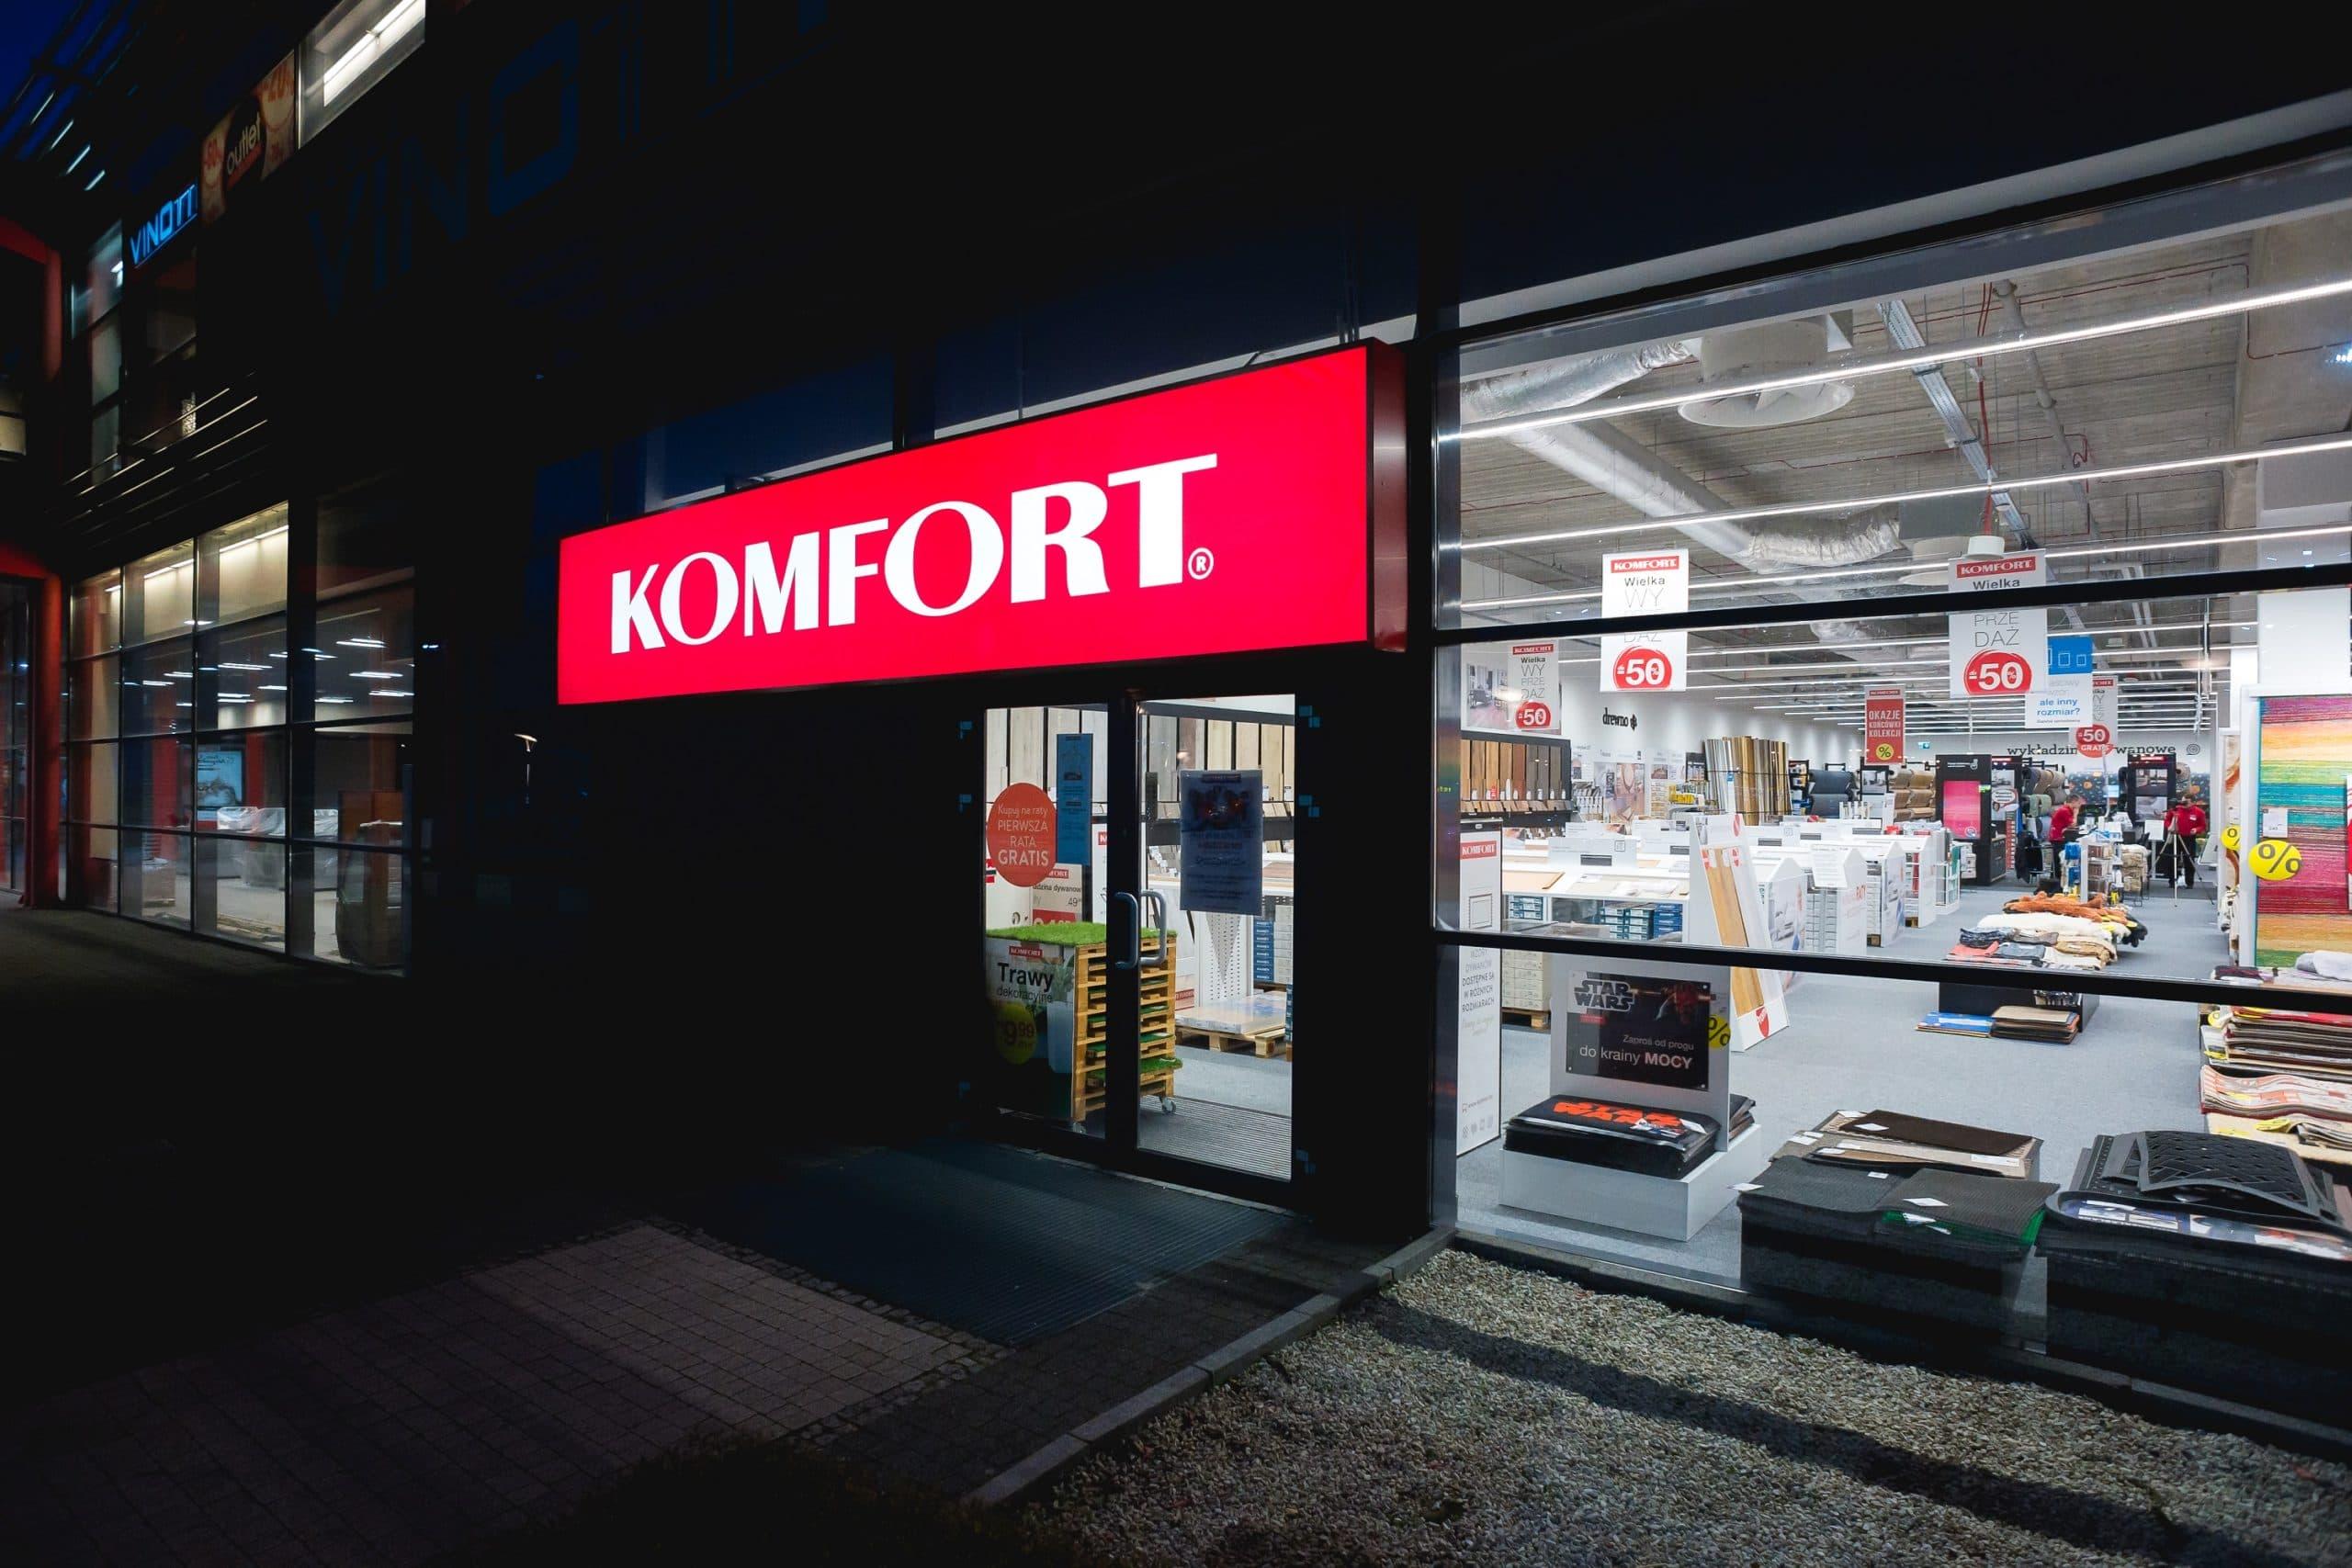 Zmodernizowany sklep Komfort z liniami świetlnymi Lumiline - Luxon LED